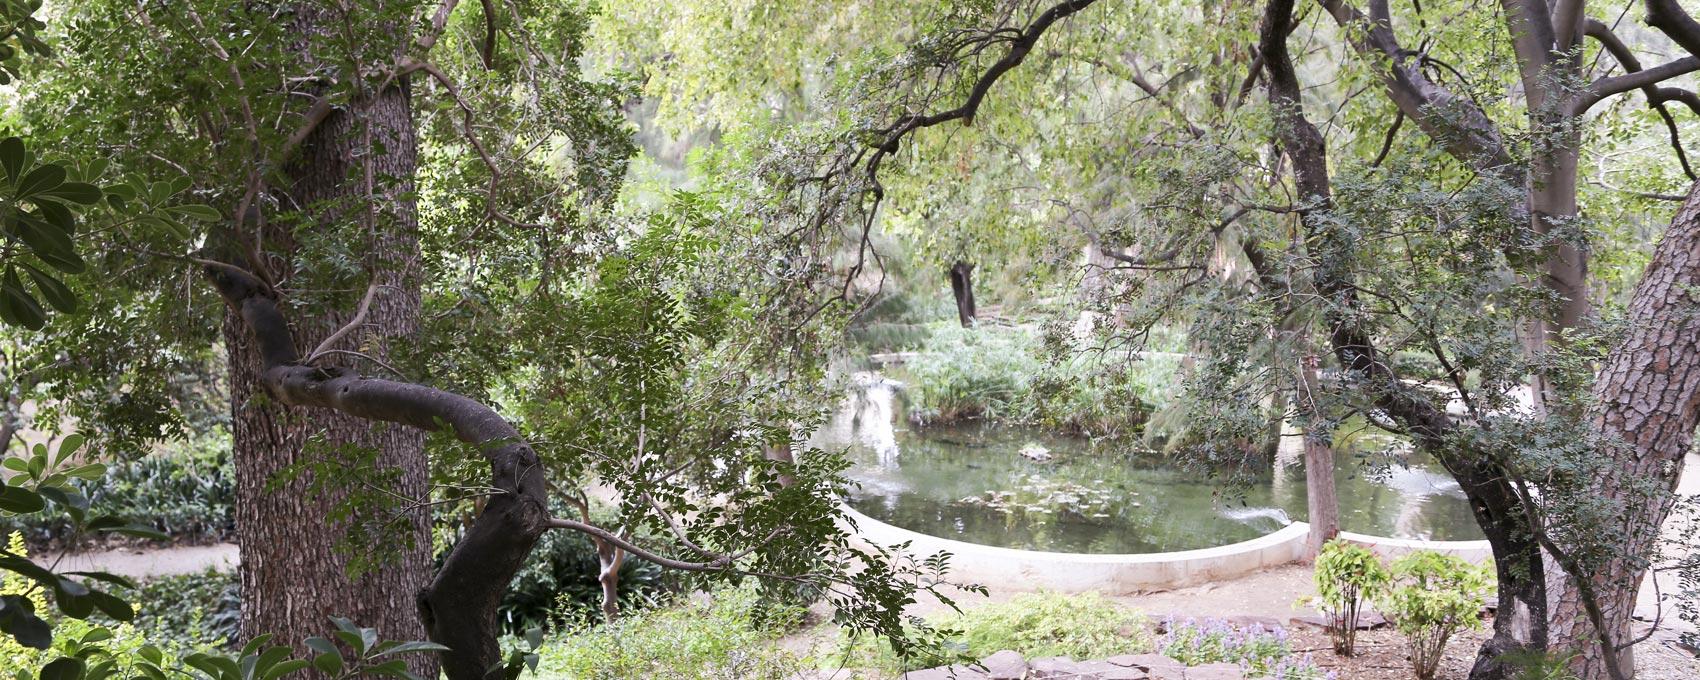 """Ubicado al pie de """"la montañita"""", rodeado de diferentes árboles constituye el centro del bosquete y capta la atención de este entorno."""